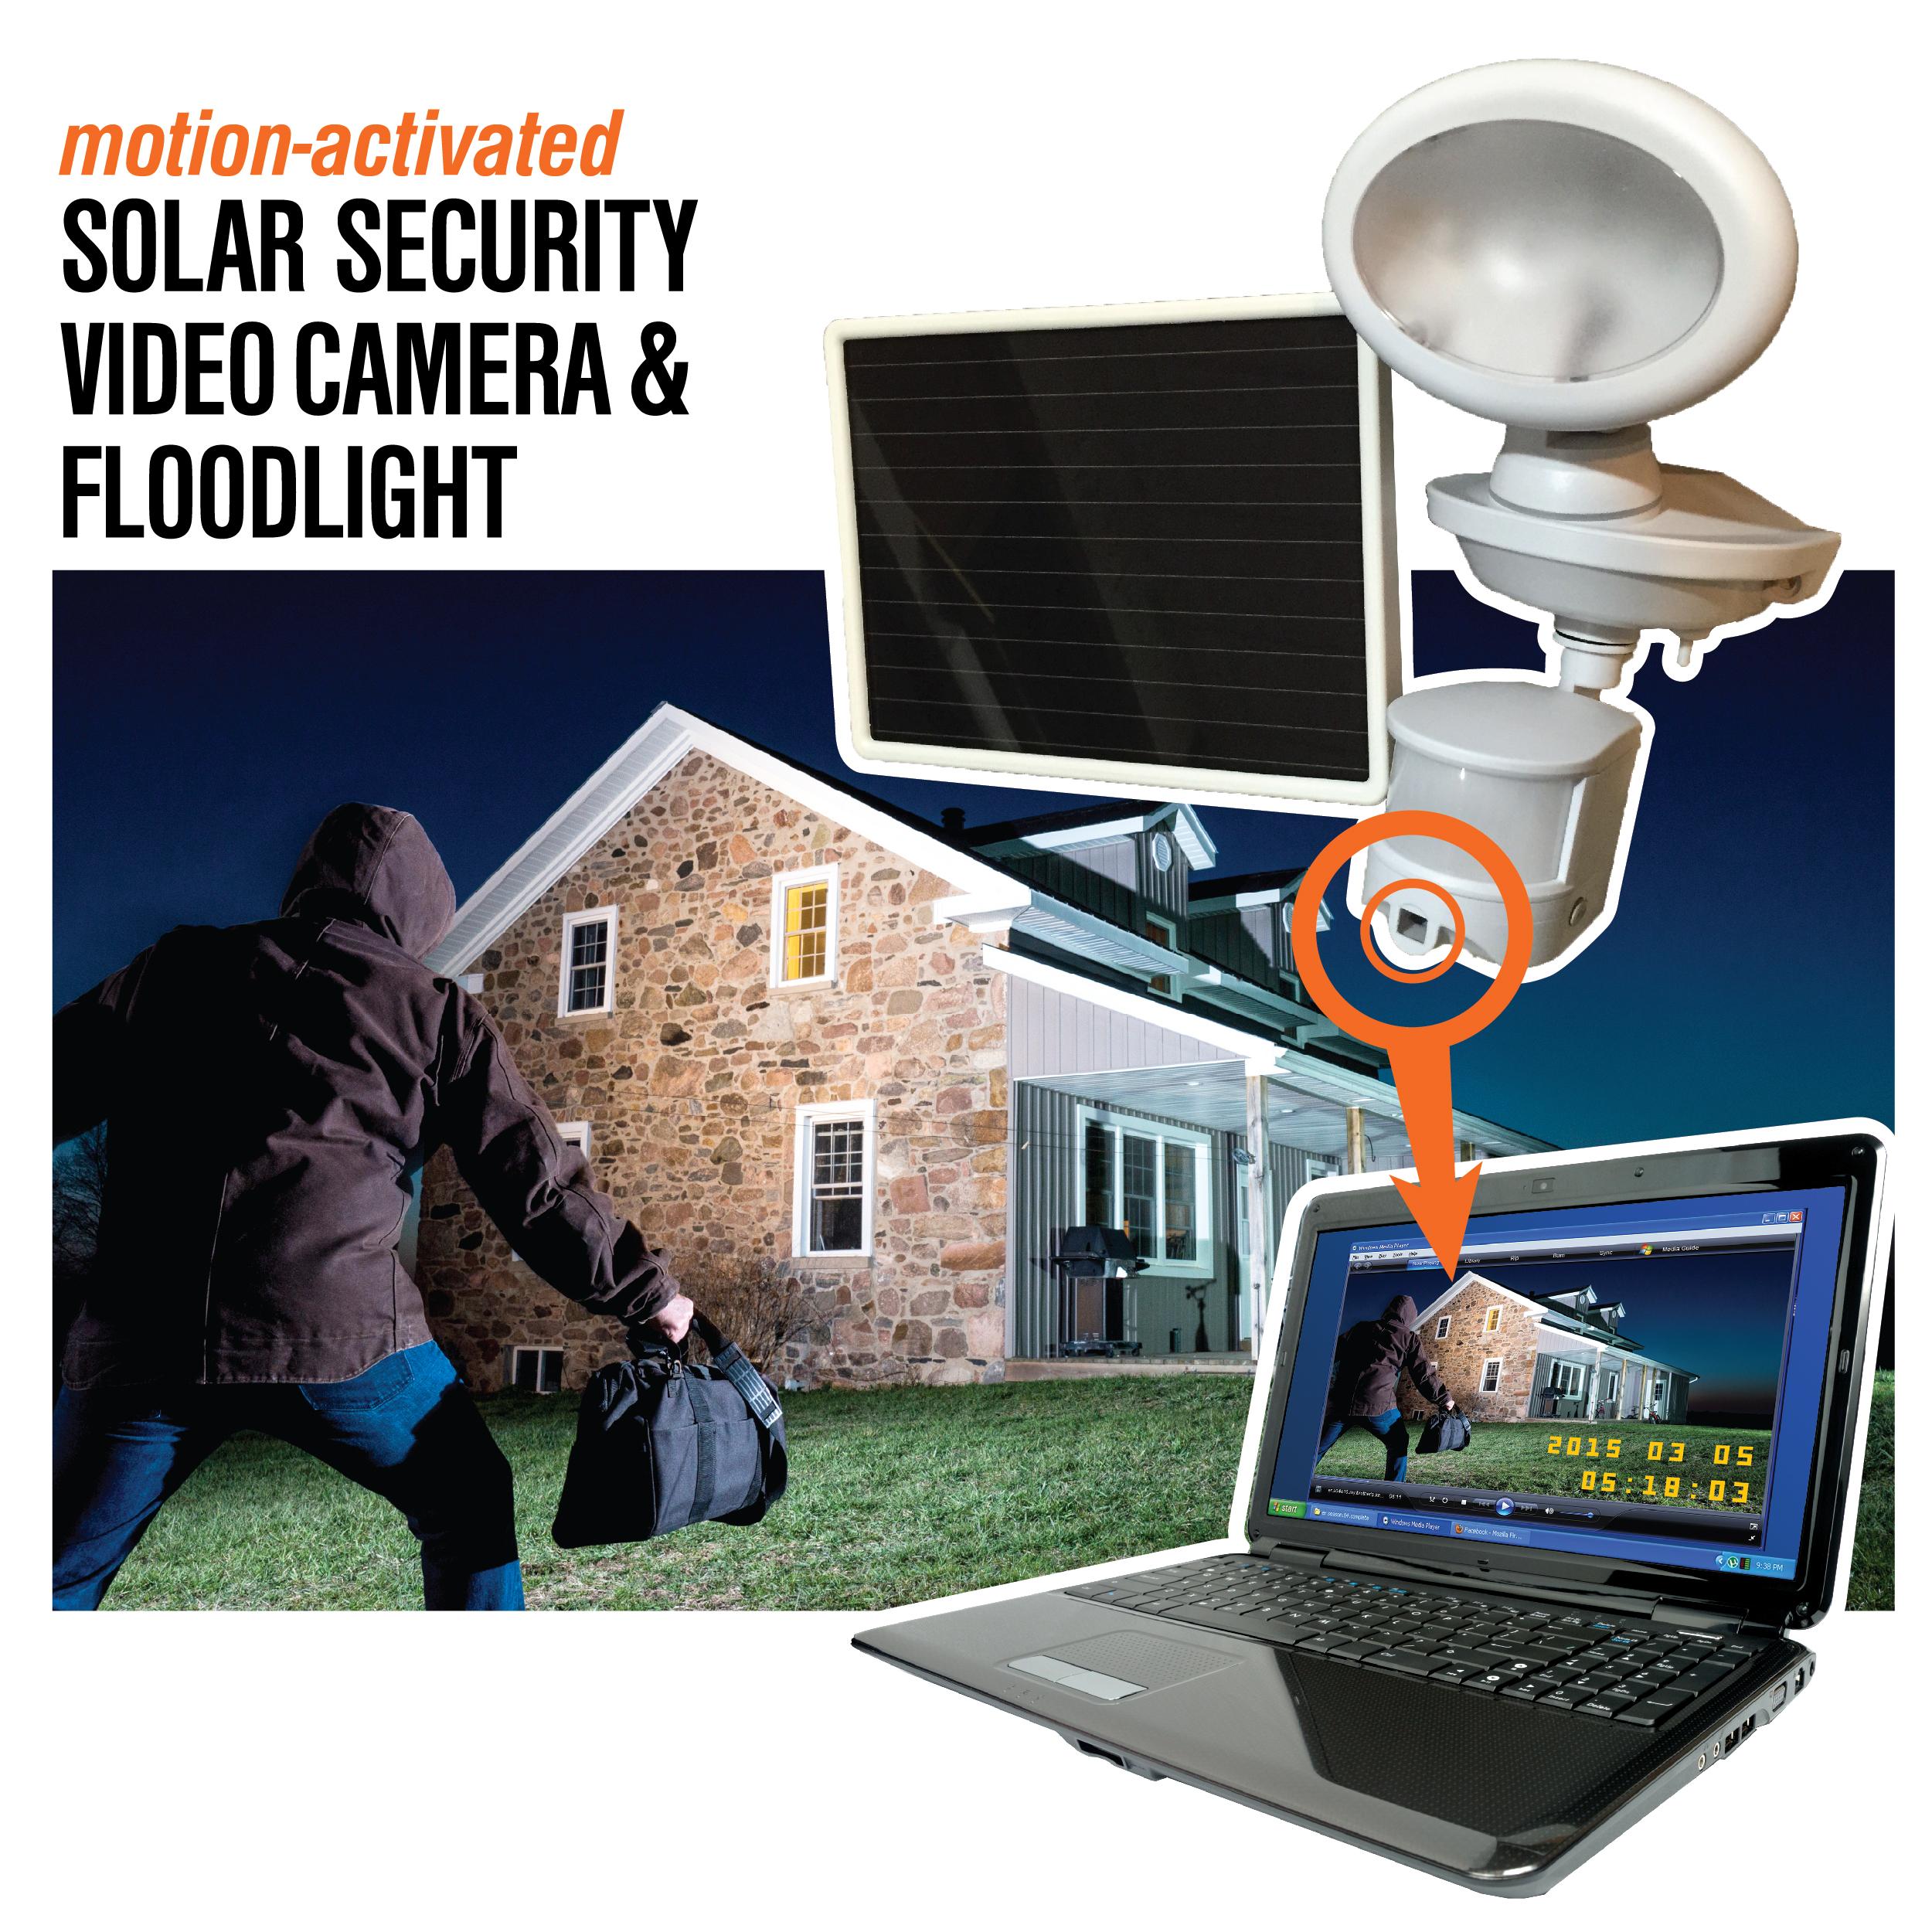 44643-cam-wh-solar-camera-spotlight-promo-shot-1.jpg